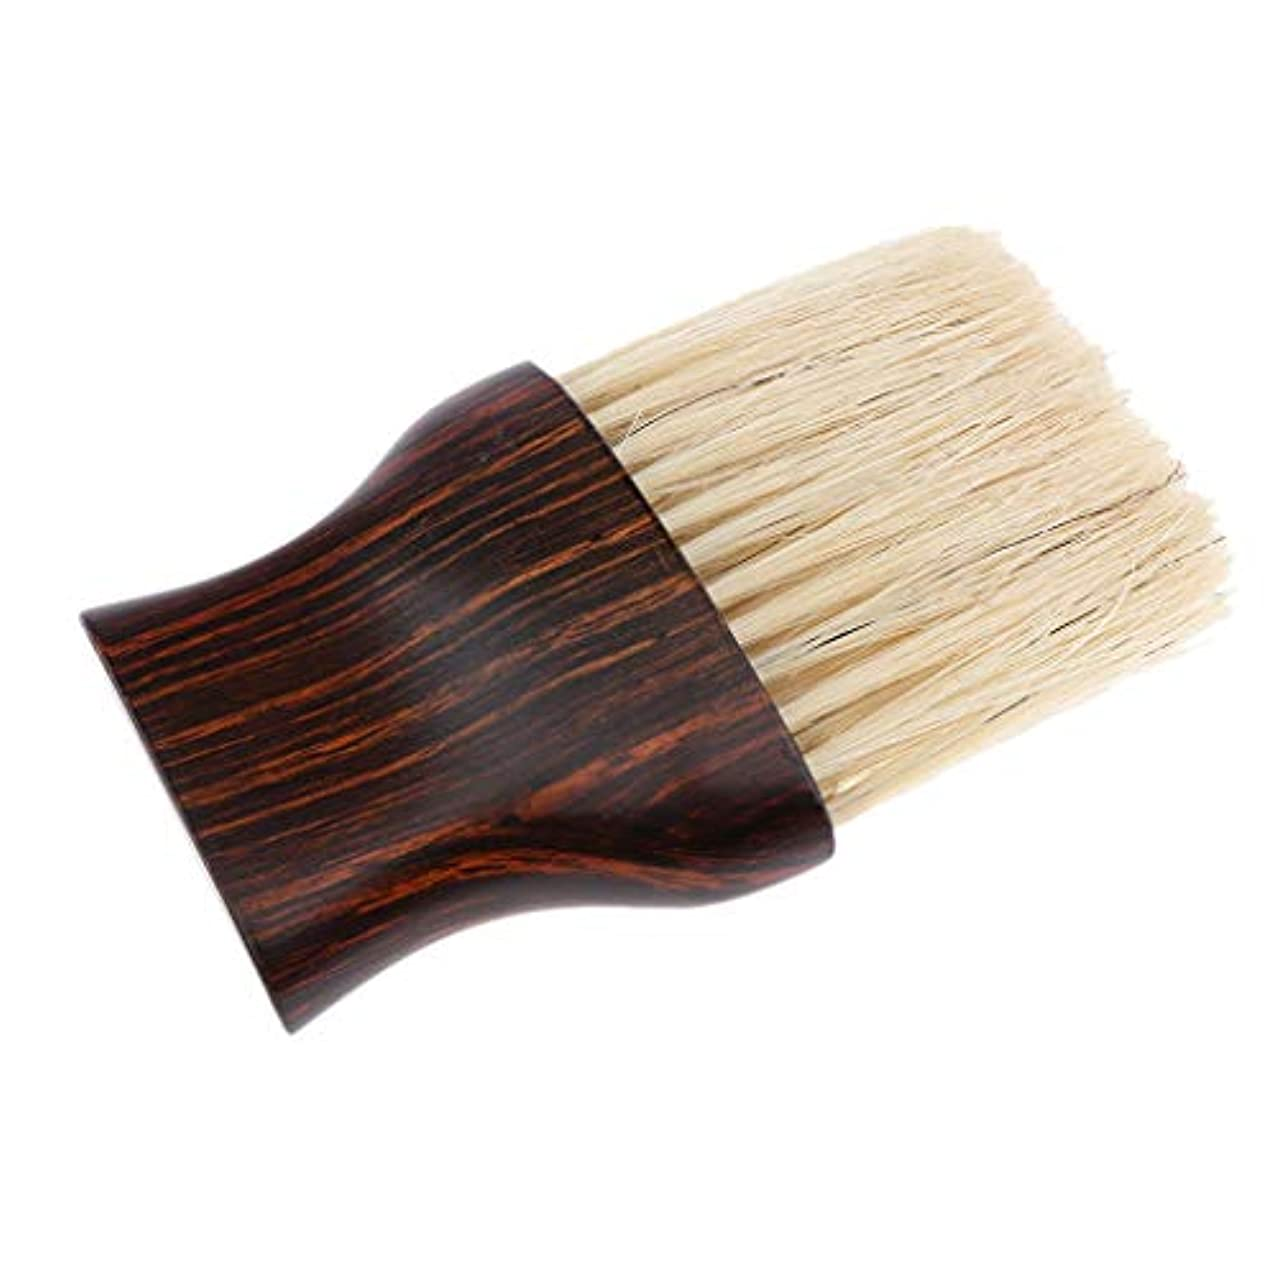 デイジー国籍司書T TOOYFUL ヘアブラシ 毛払いブラシ 散髪 髪切り 散髪用ツール 床屋 理髪店 美容院 ソフトブラシ